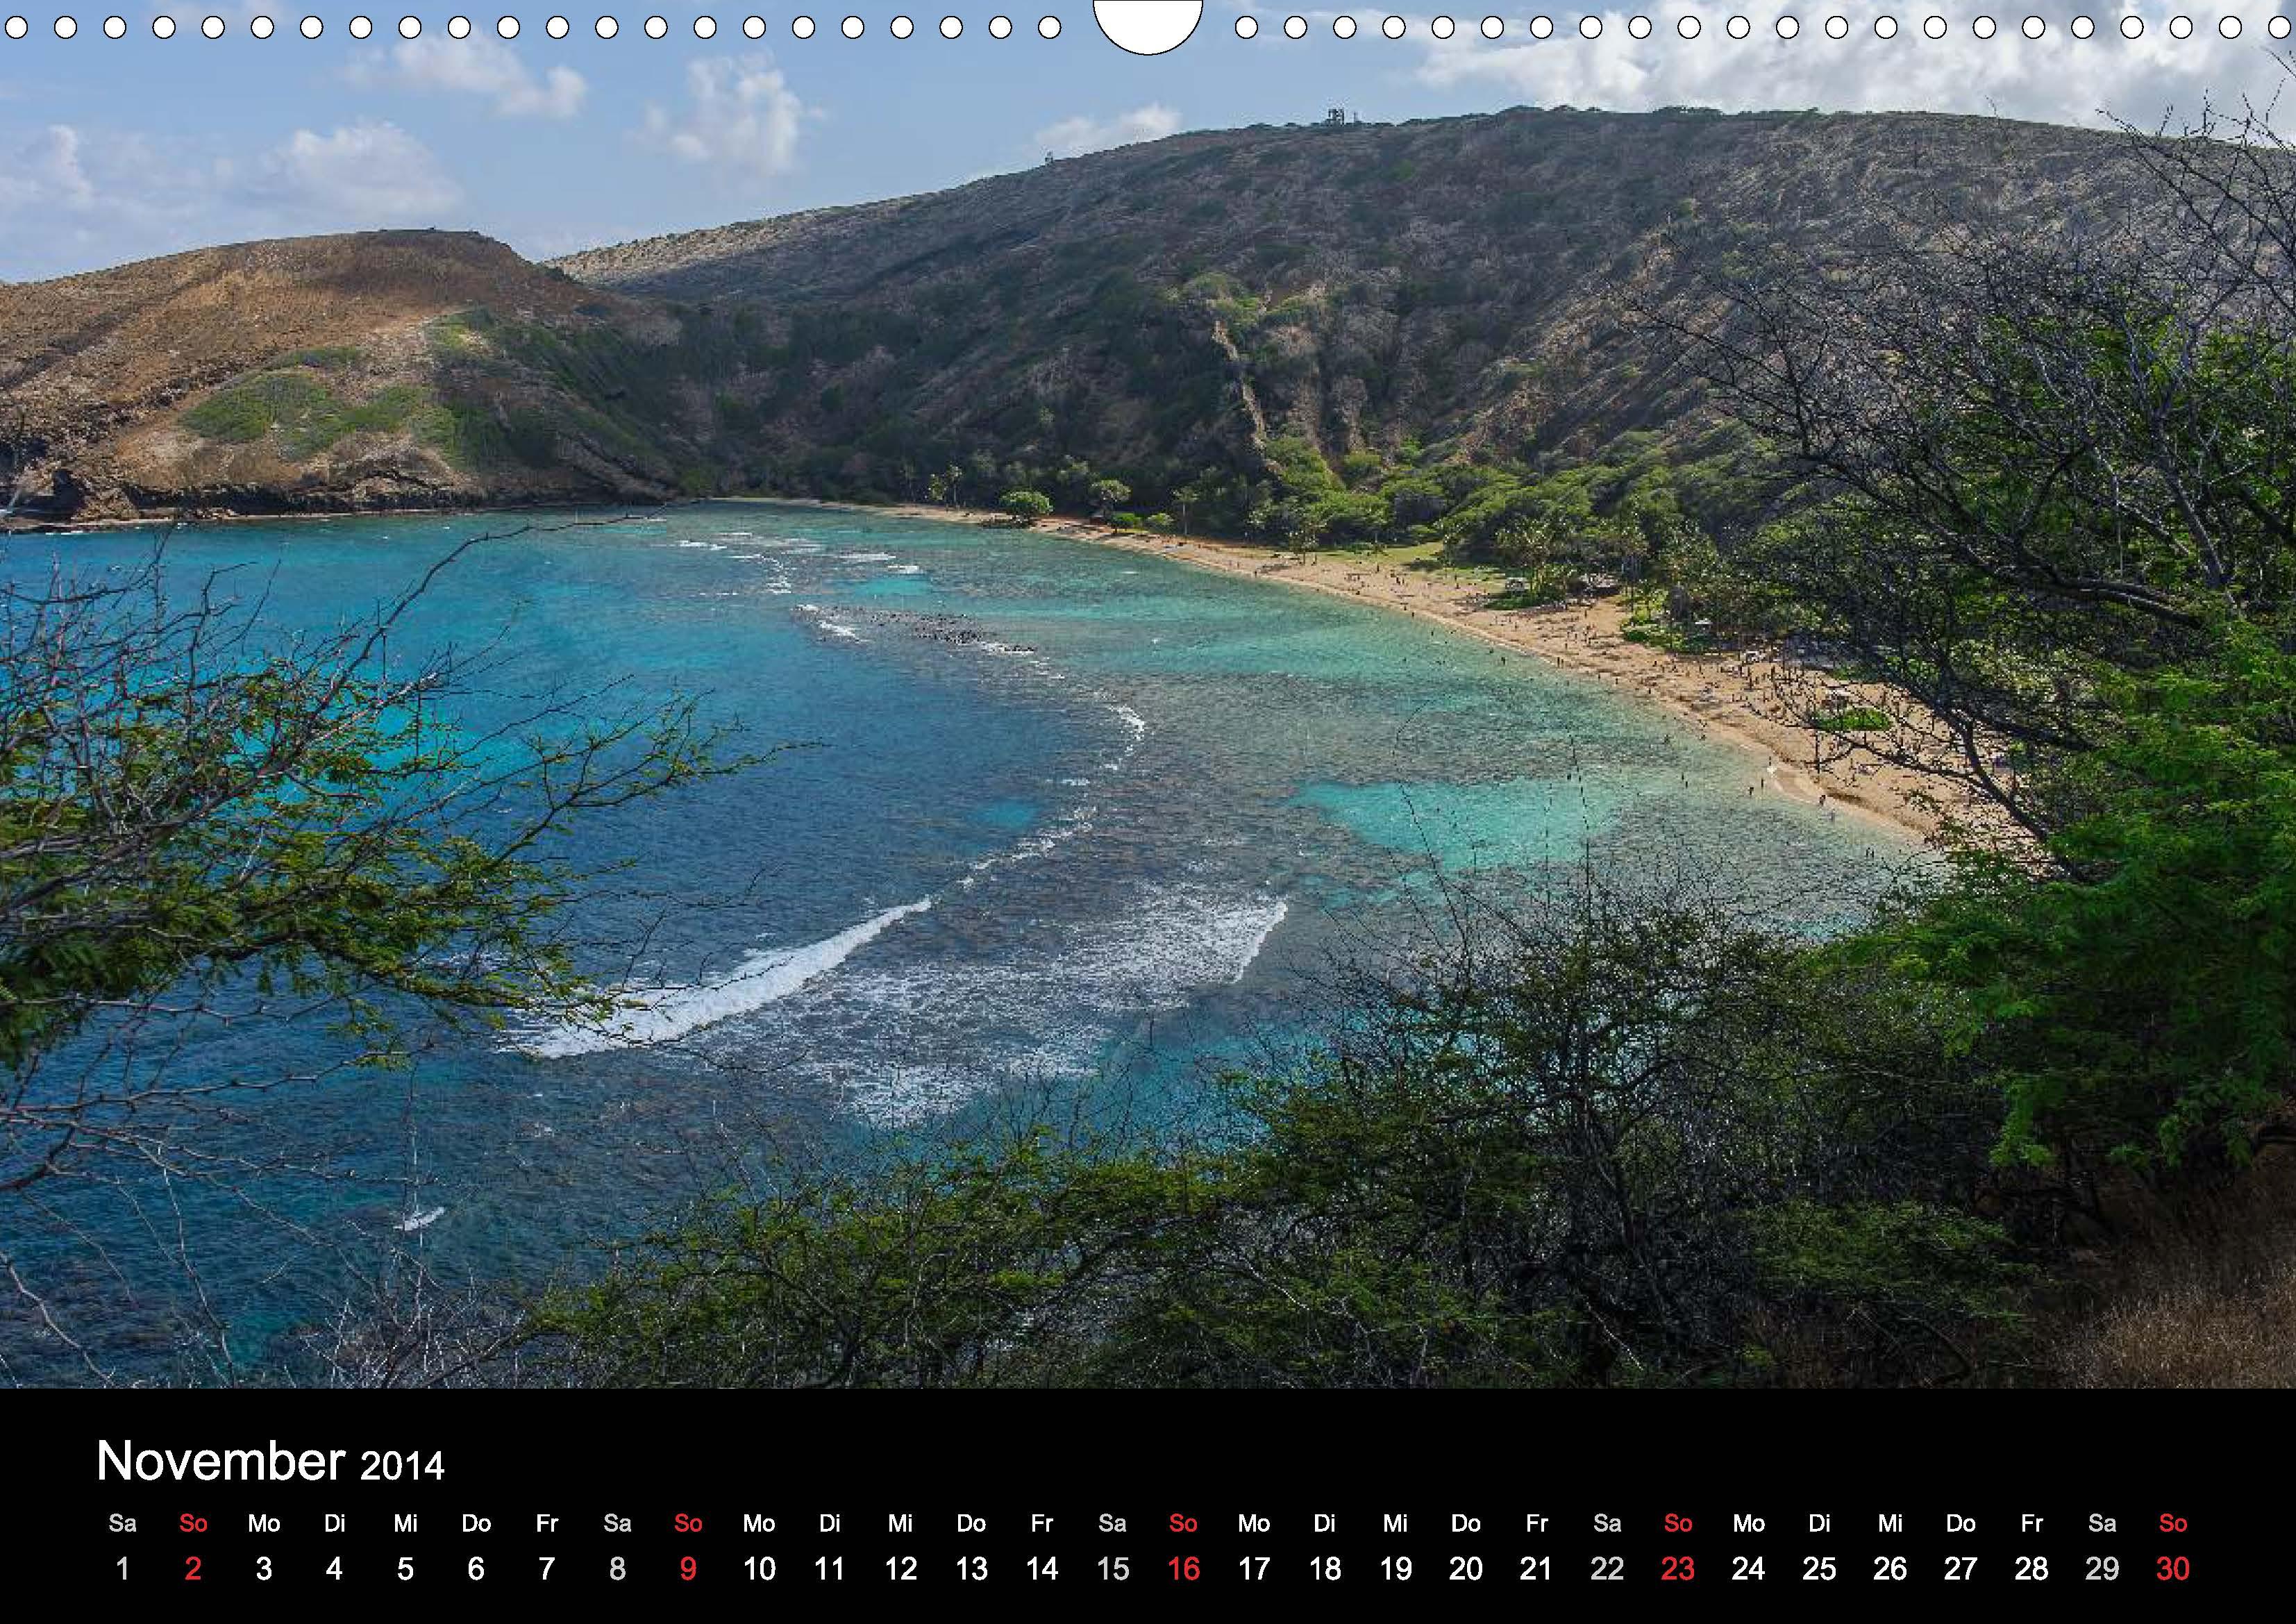 Hawaii-Kalender für 2015 sind fertig